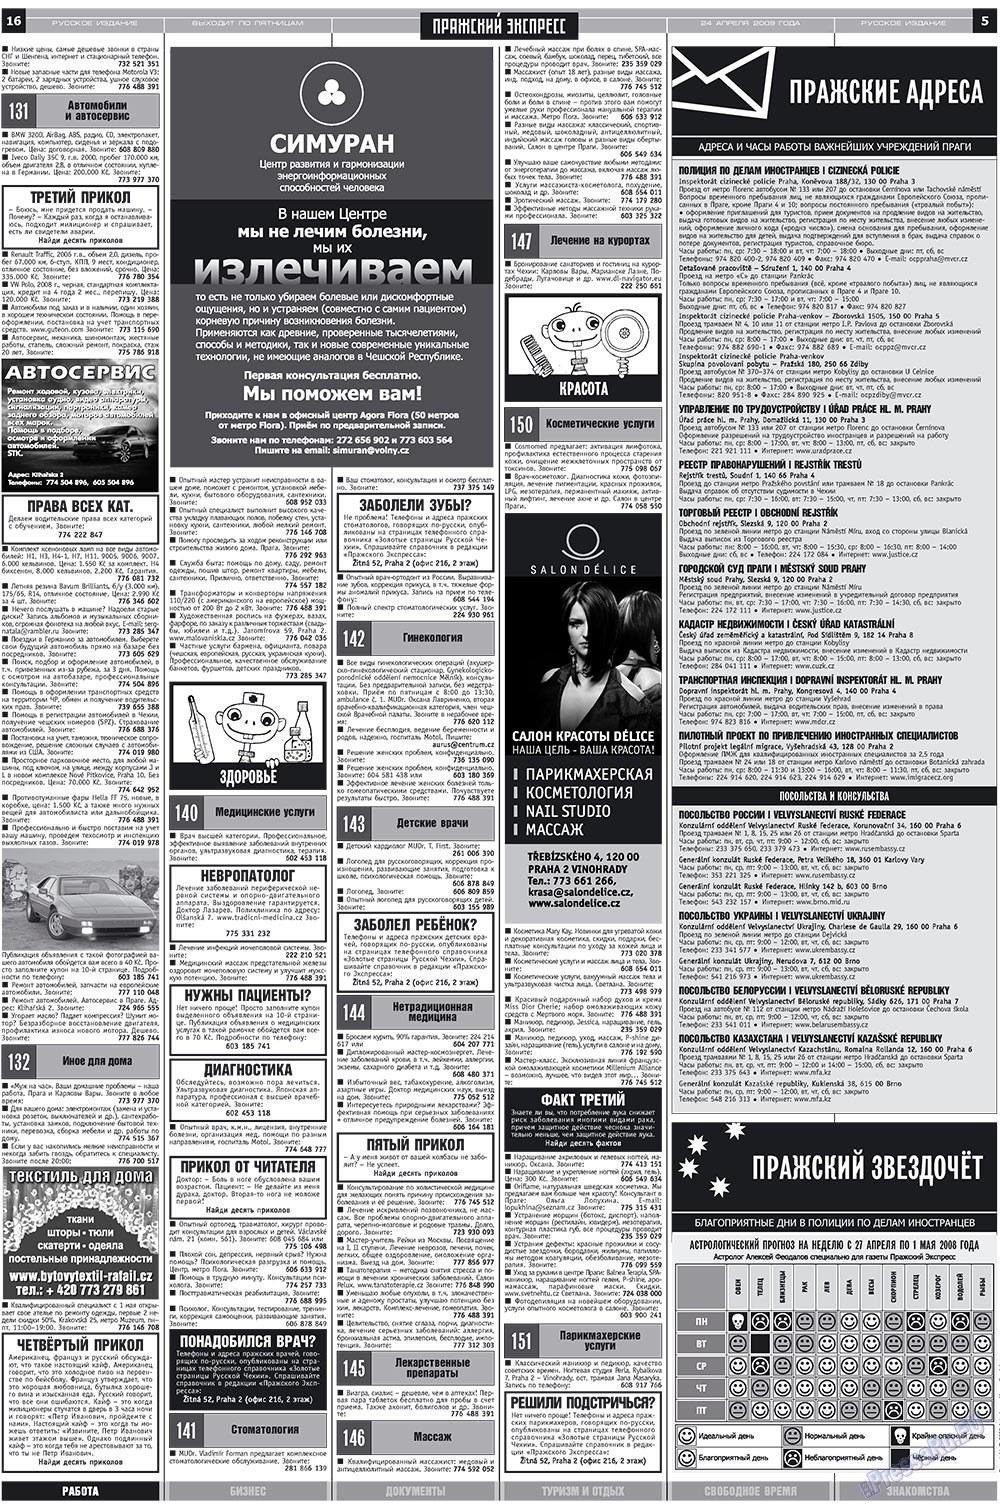 Пражский экспресс (газета). 2009 год, номер 16, стр. 5